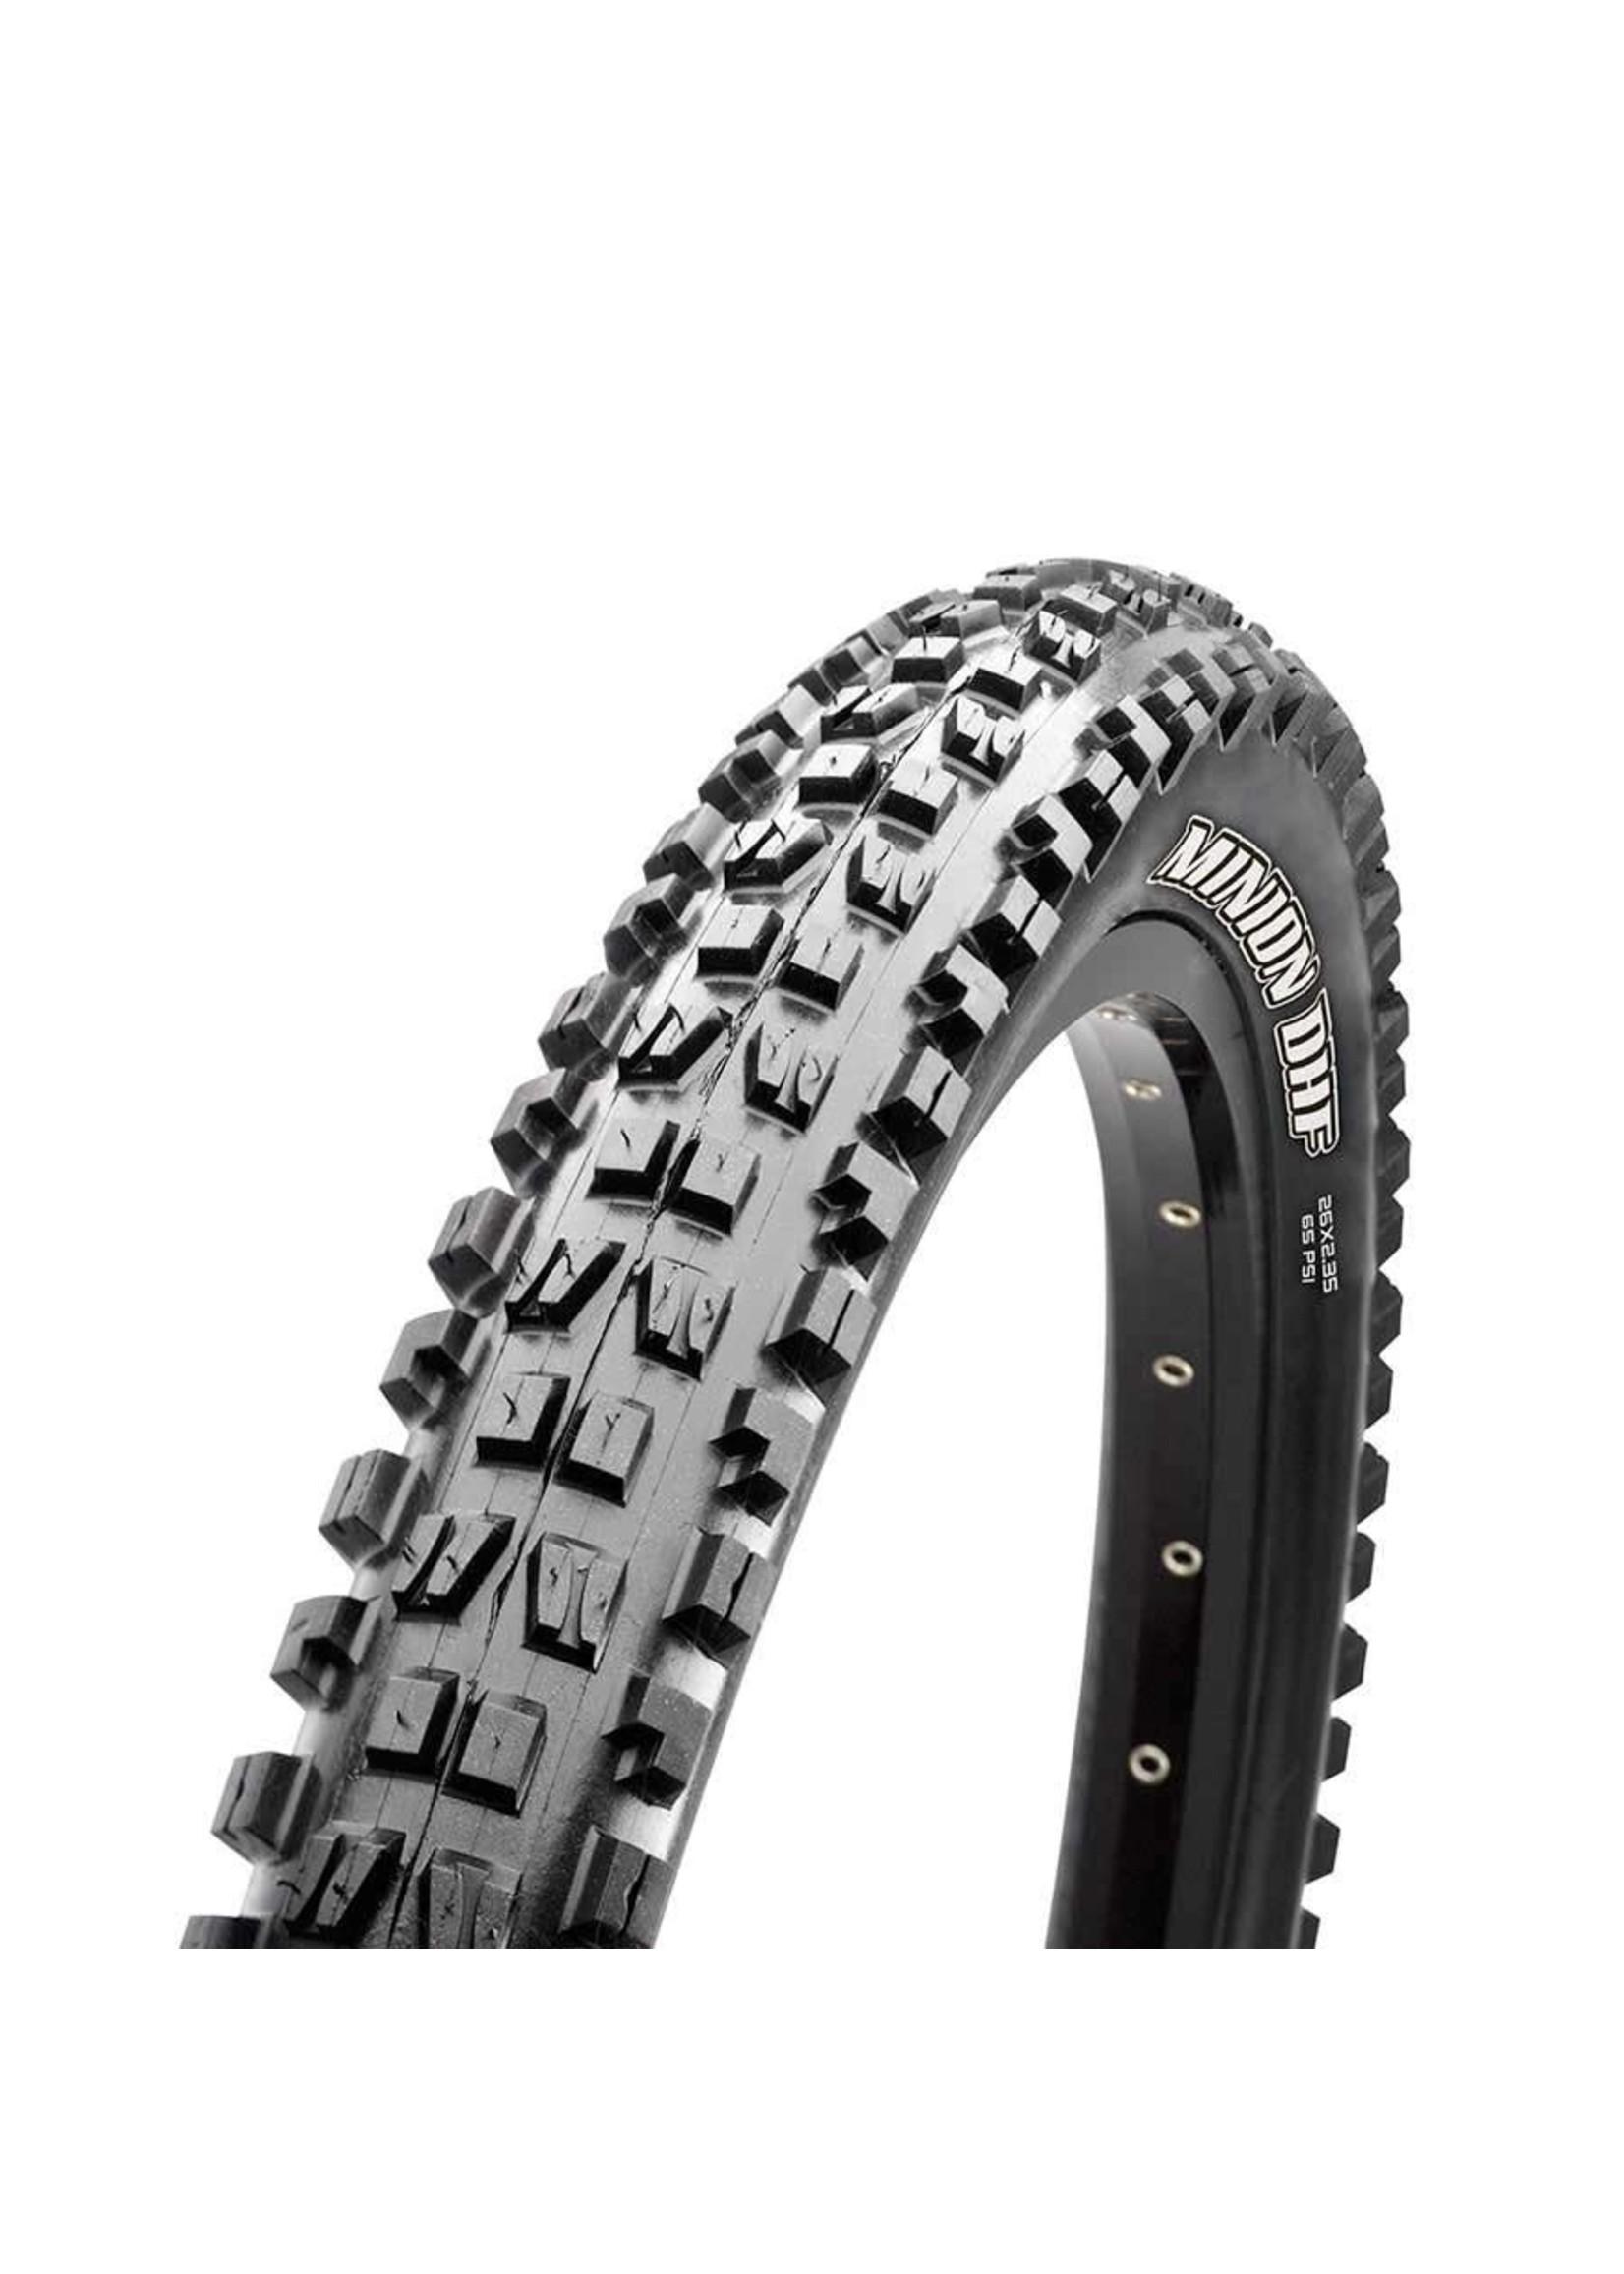 Maxxis Maxxis, Minion DHF, Tire, 27.5''x2.30, Pliable, Tubeless Ready, 3C Maxx Terra, EXO, 60TPI, Black